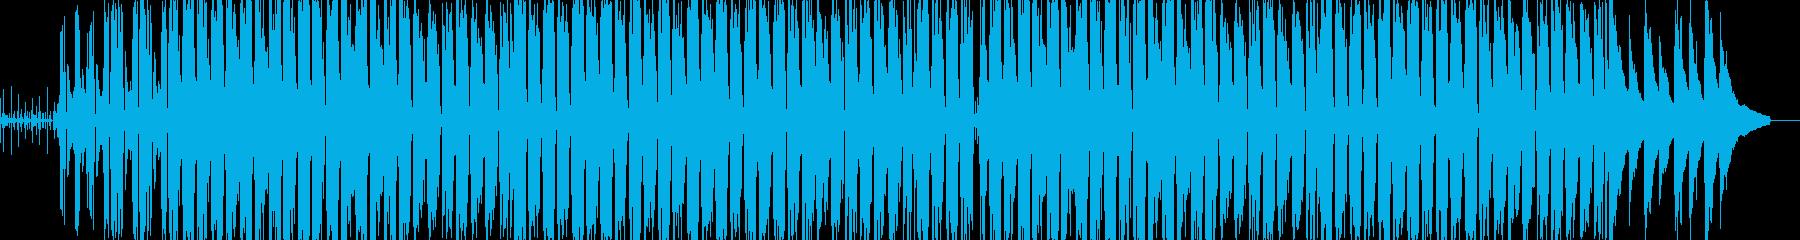 ジムノペディ1番のアップテンポアレンジの再生済みの波形